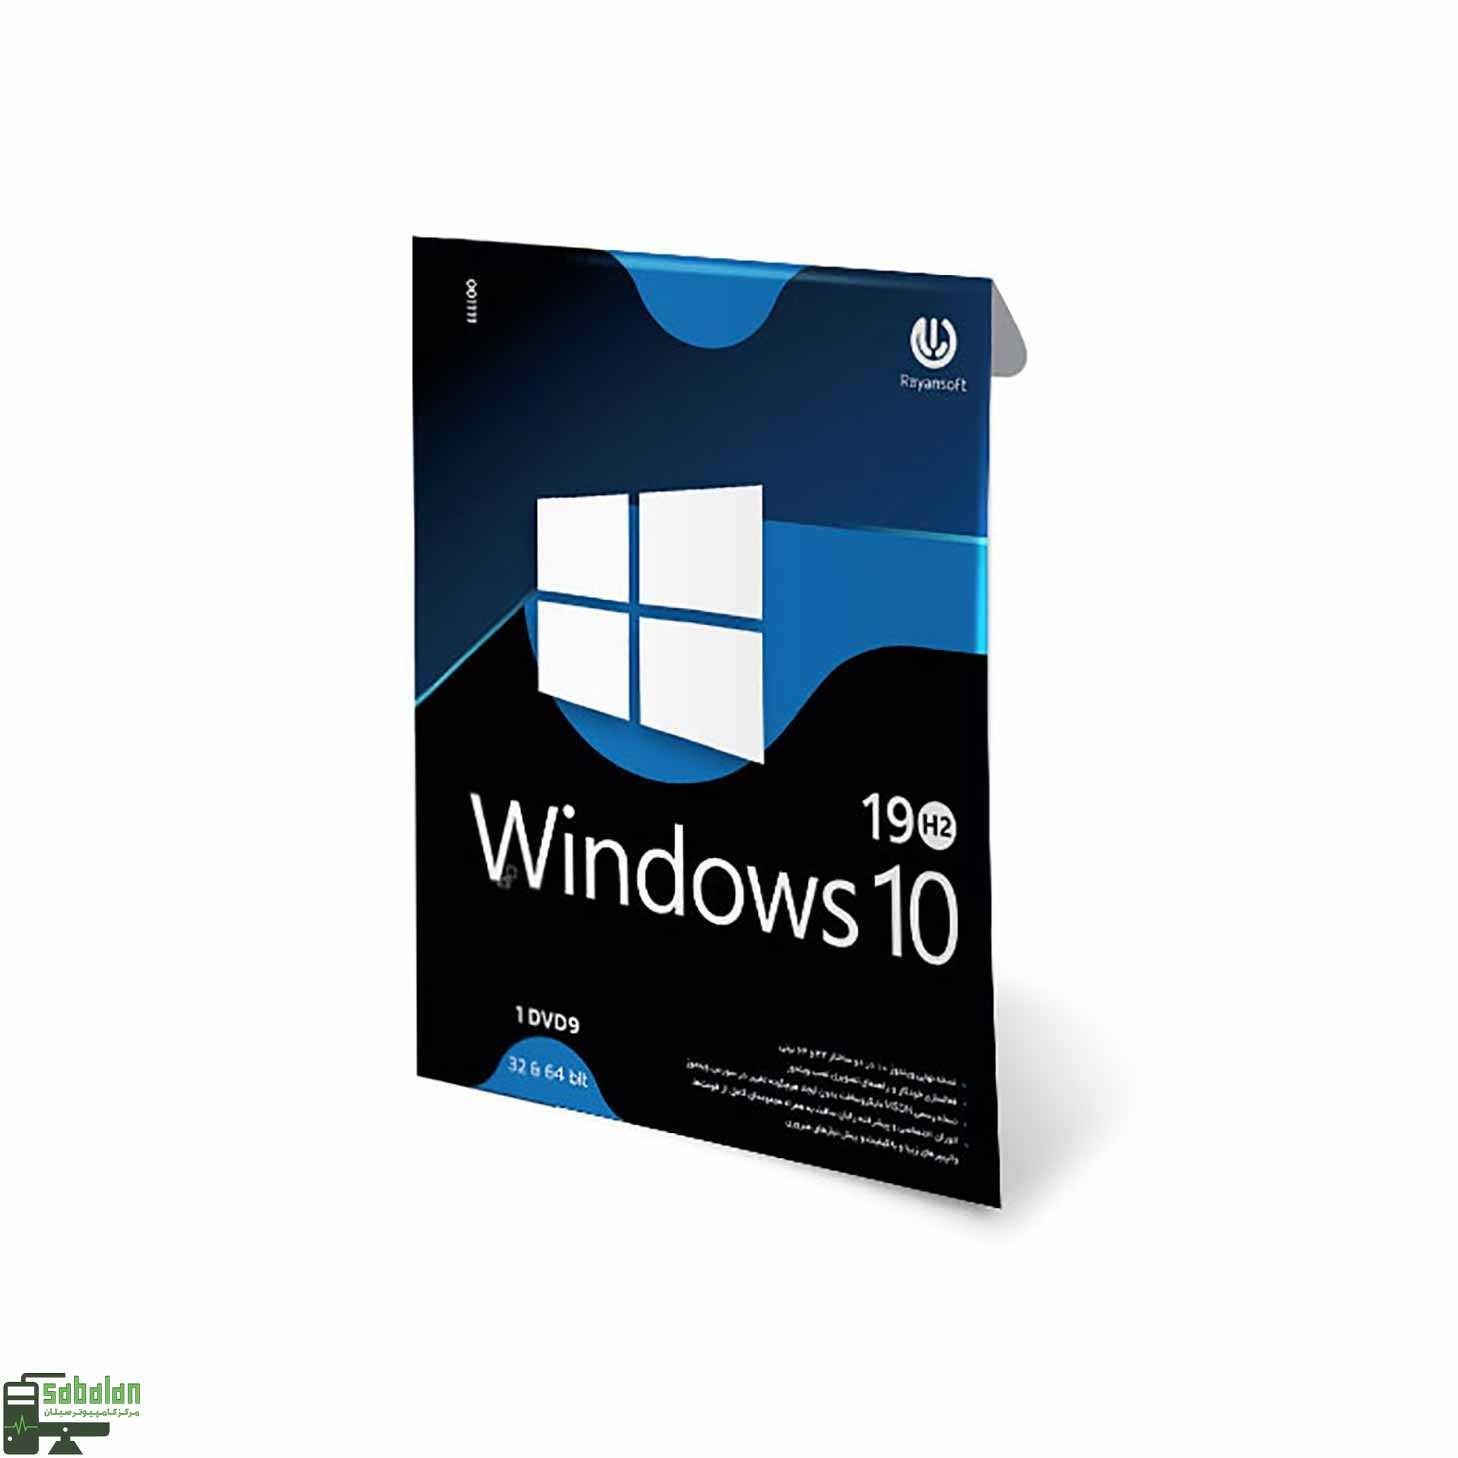 سیستم عامل Windows 10 نشر رایان سافت